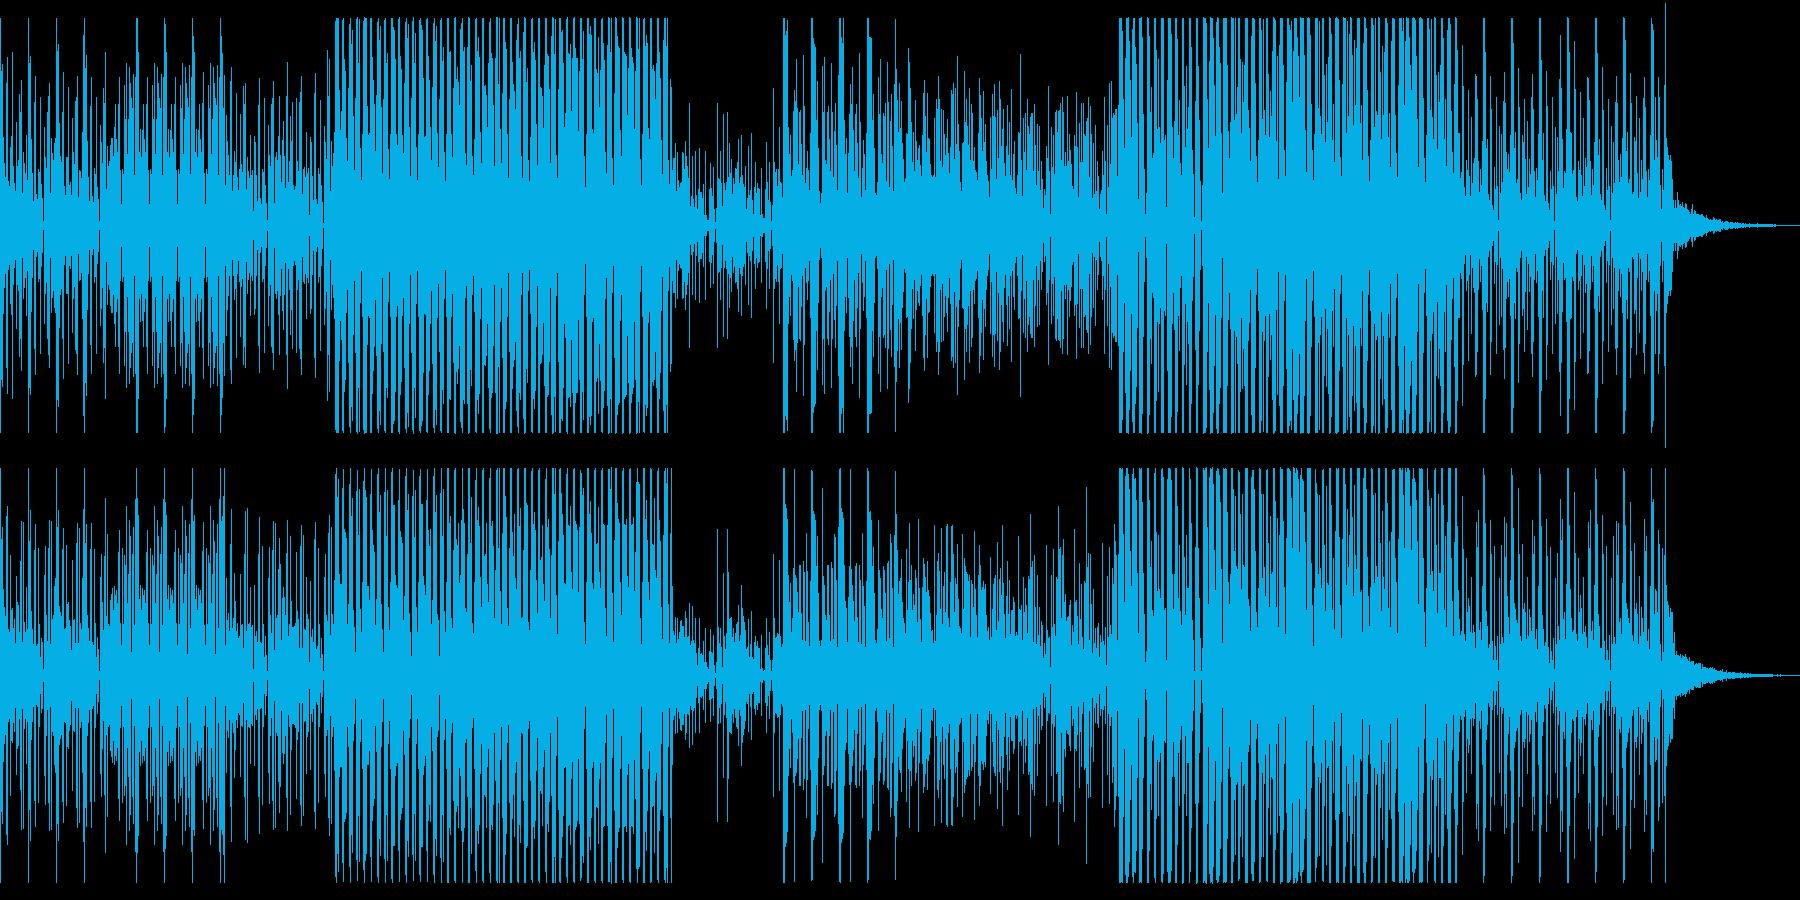 ディスコパーティのようなBGMの再生済みの波形